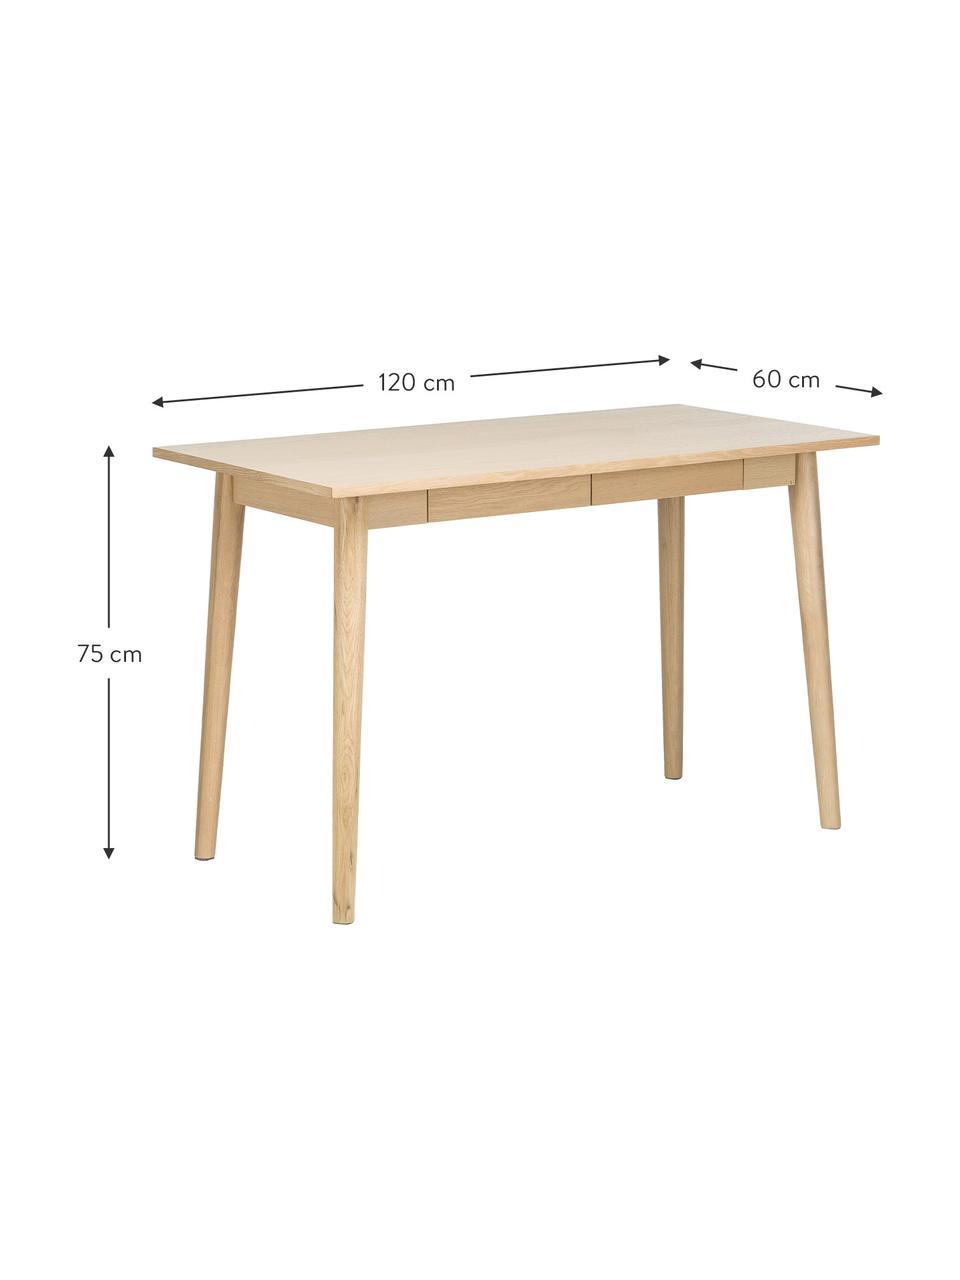 Małe biurko z drewna dębowego Marte, Nogi: drewno dębowe, fornir, Blat: płyta pilśniowa średniej , Drewno dębowe, S 120 x G 60 cm